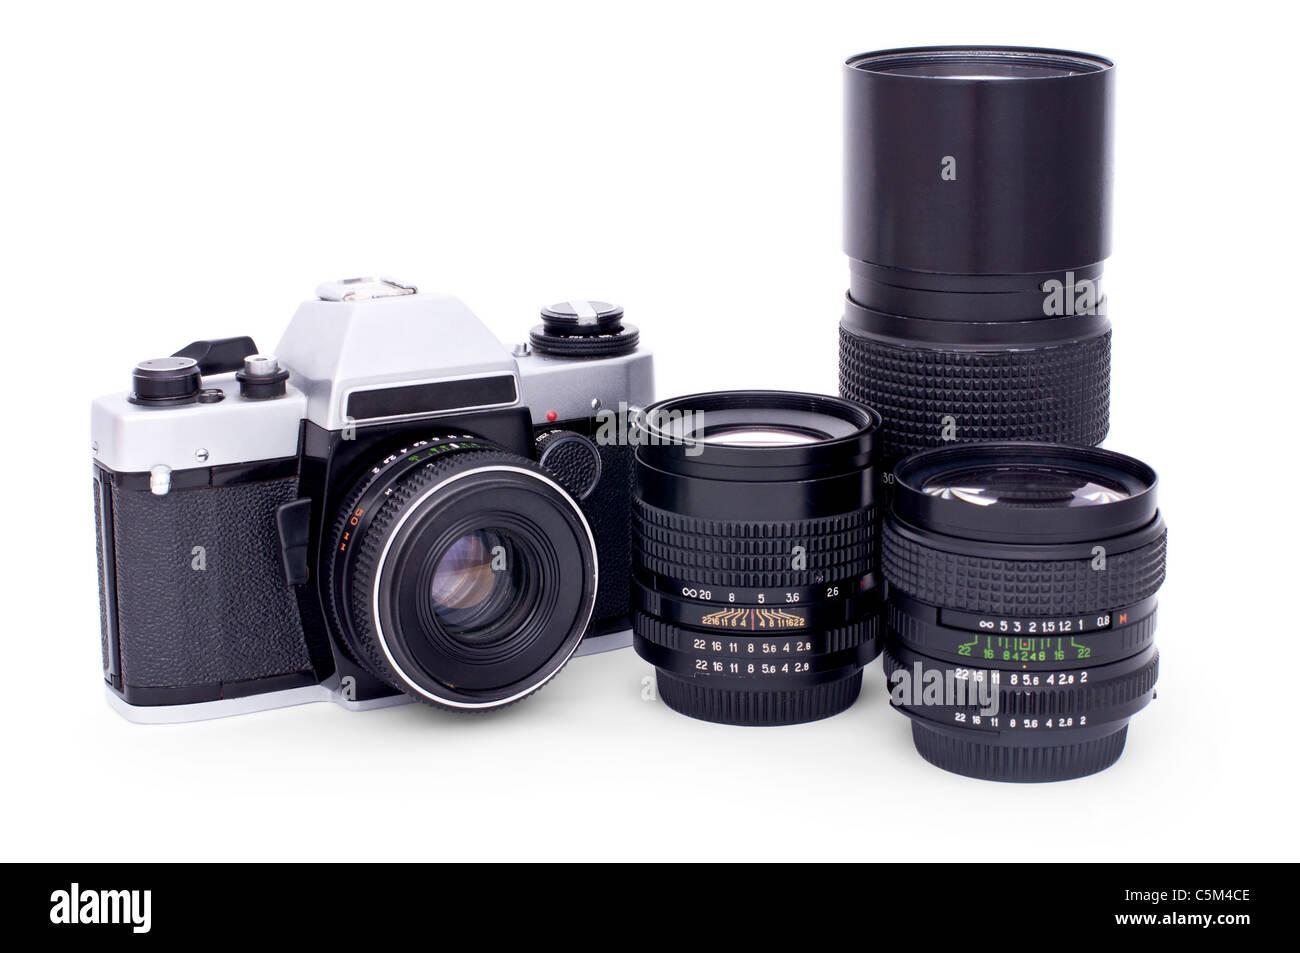 Soviet retro photo camera and lenses isolated on white background - Stock Image